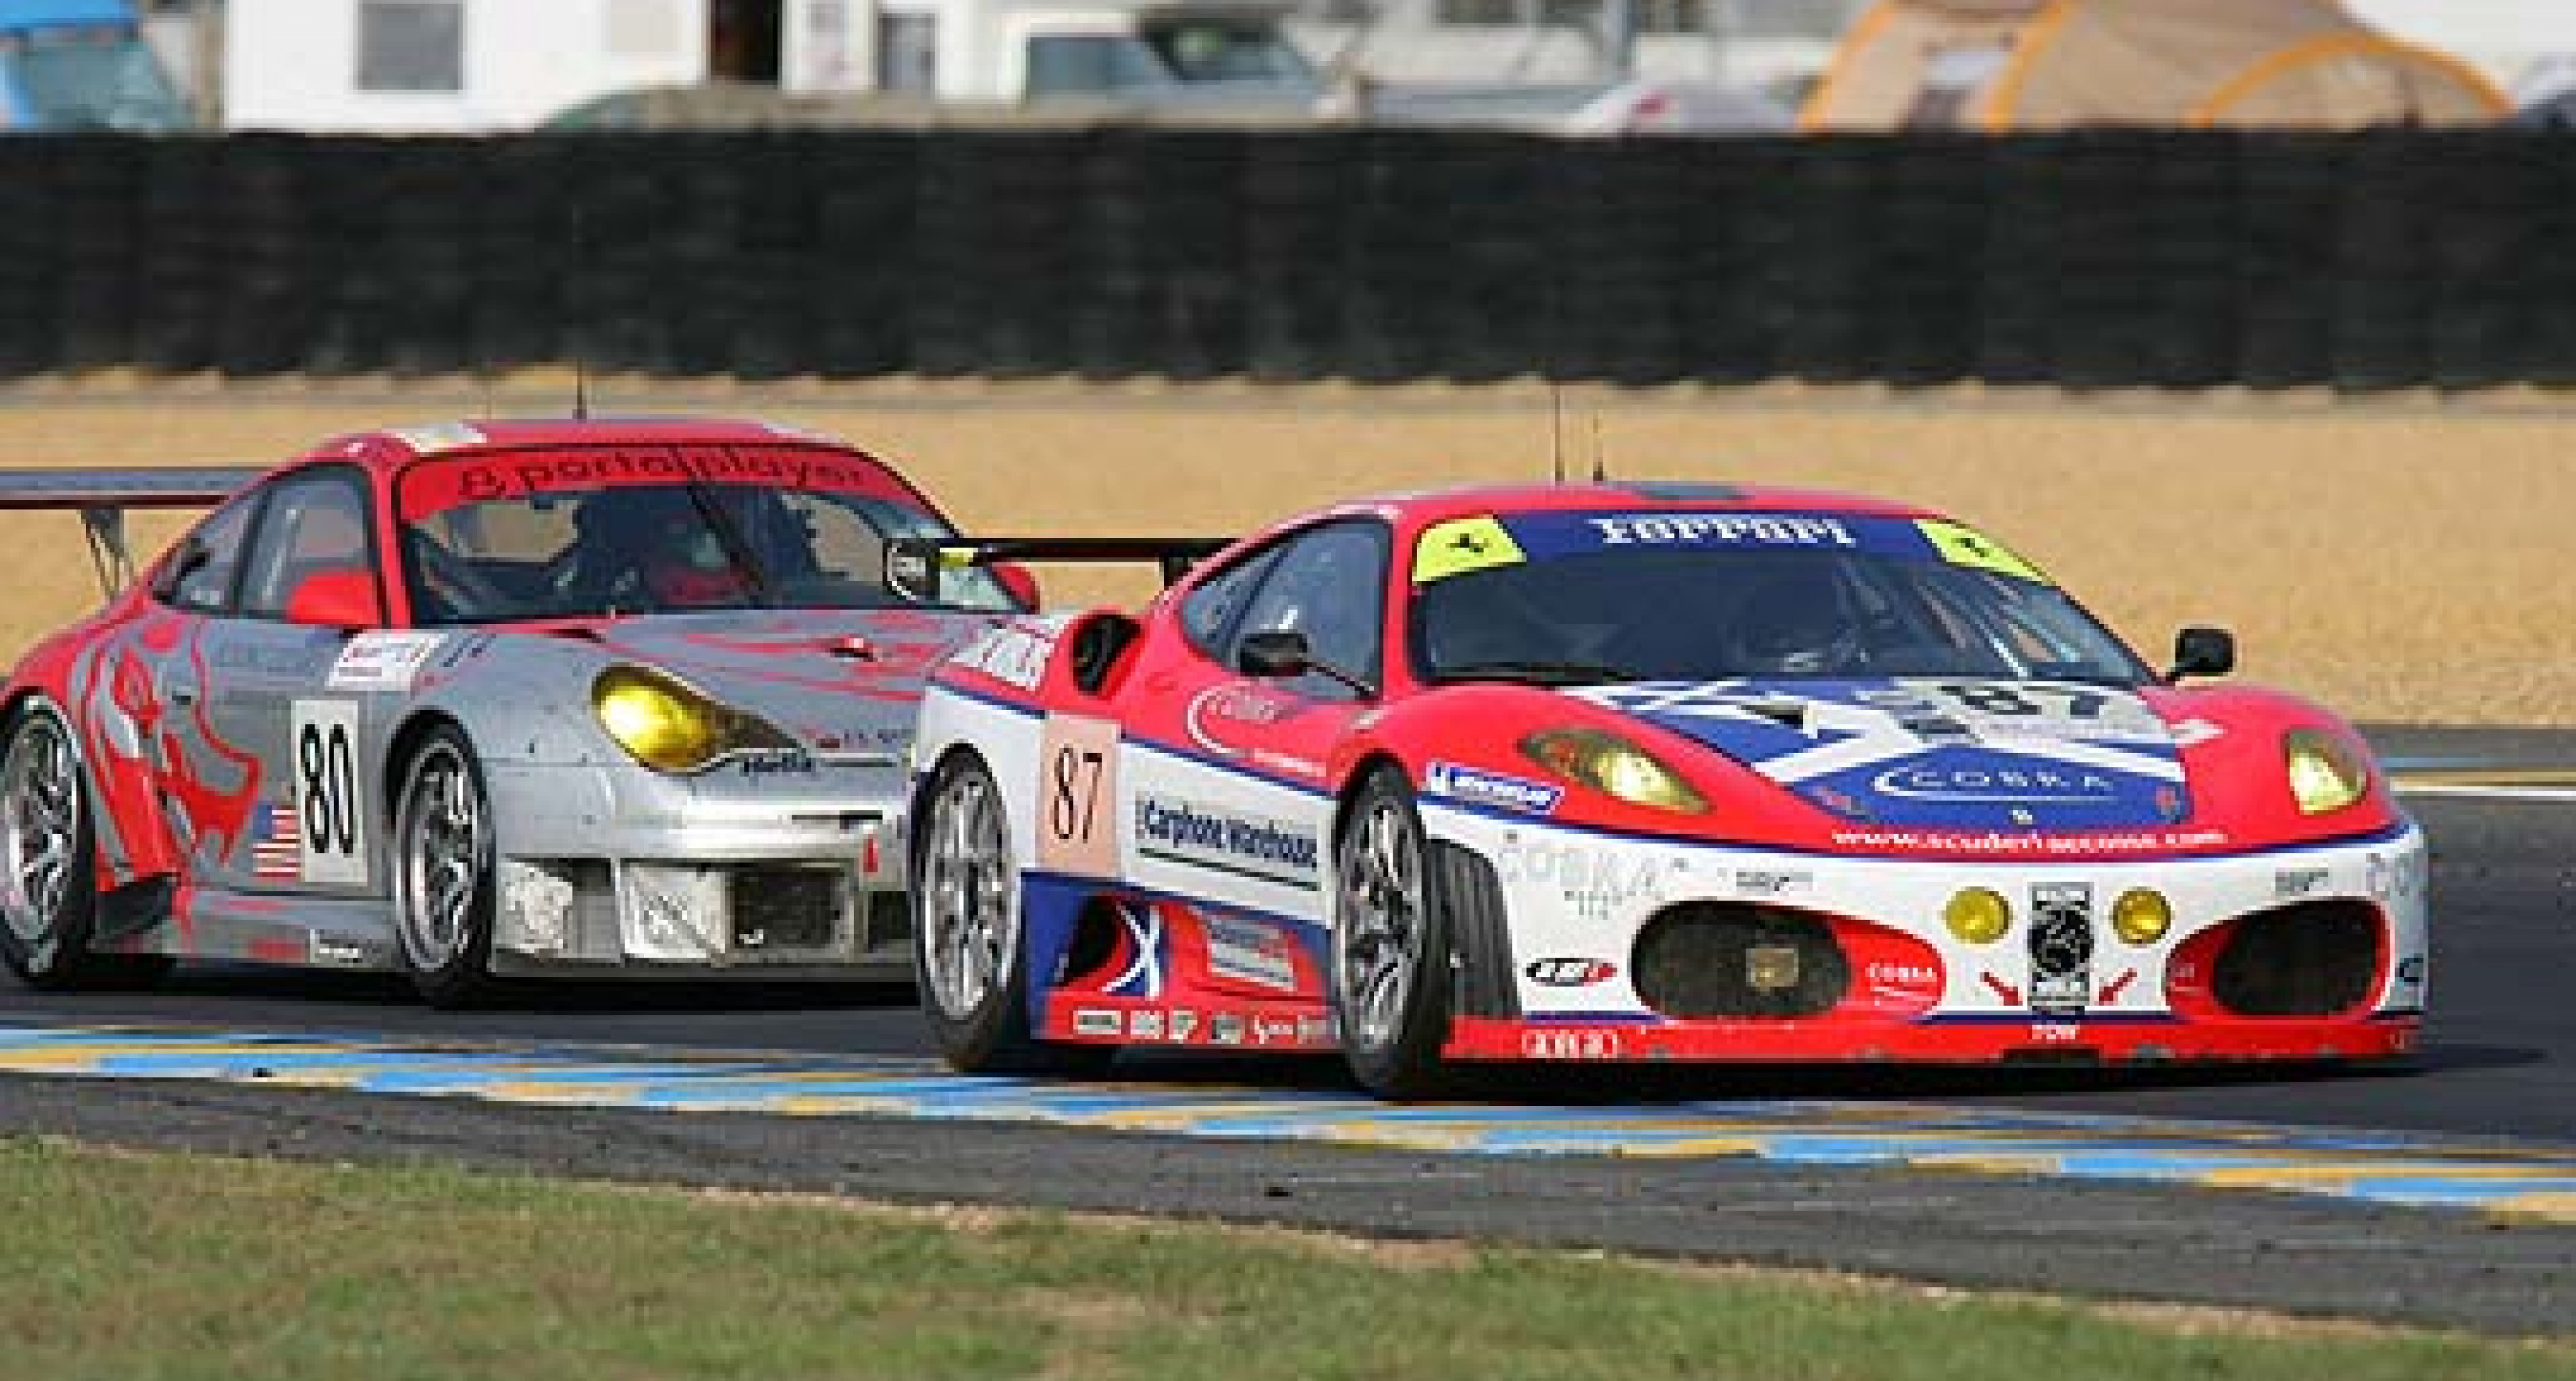 2006 Le Mans 24 Hours